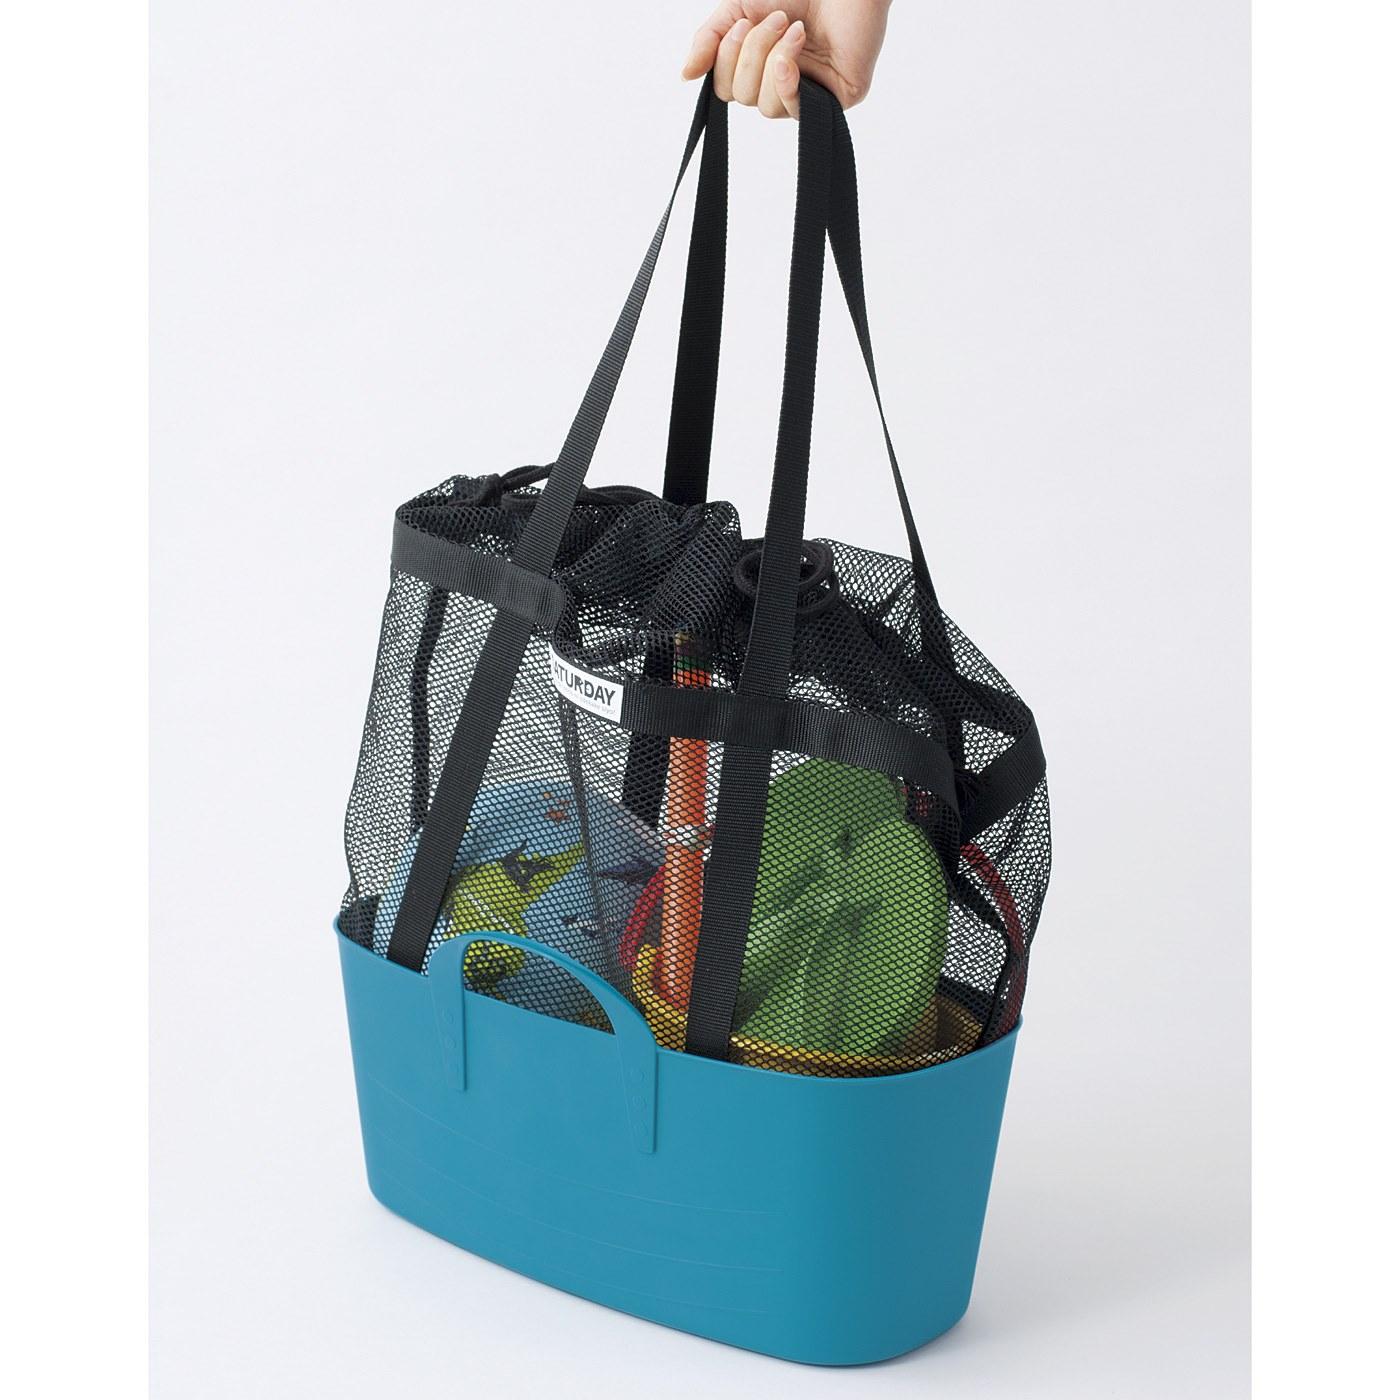 汚れた荷物を車の荷台などに置くときは、バッグを別売りのスリムバケツの中に入れるのがオススメ。すっぽり入って自立します。